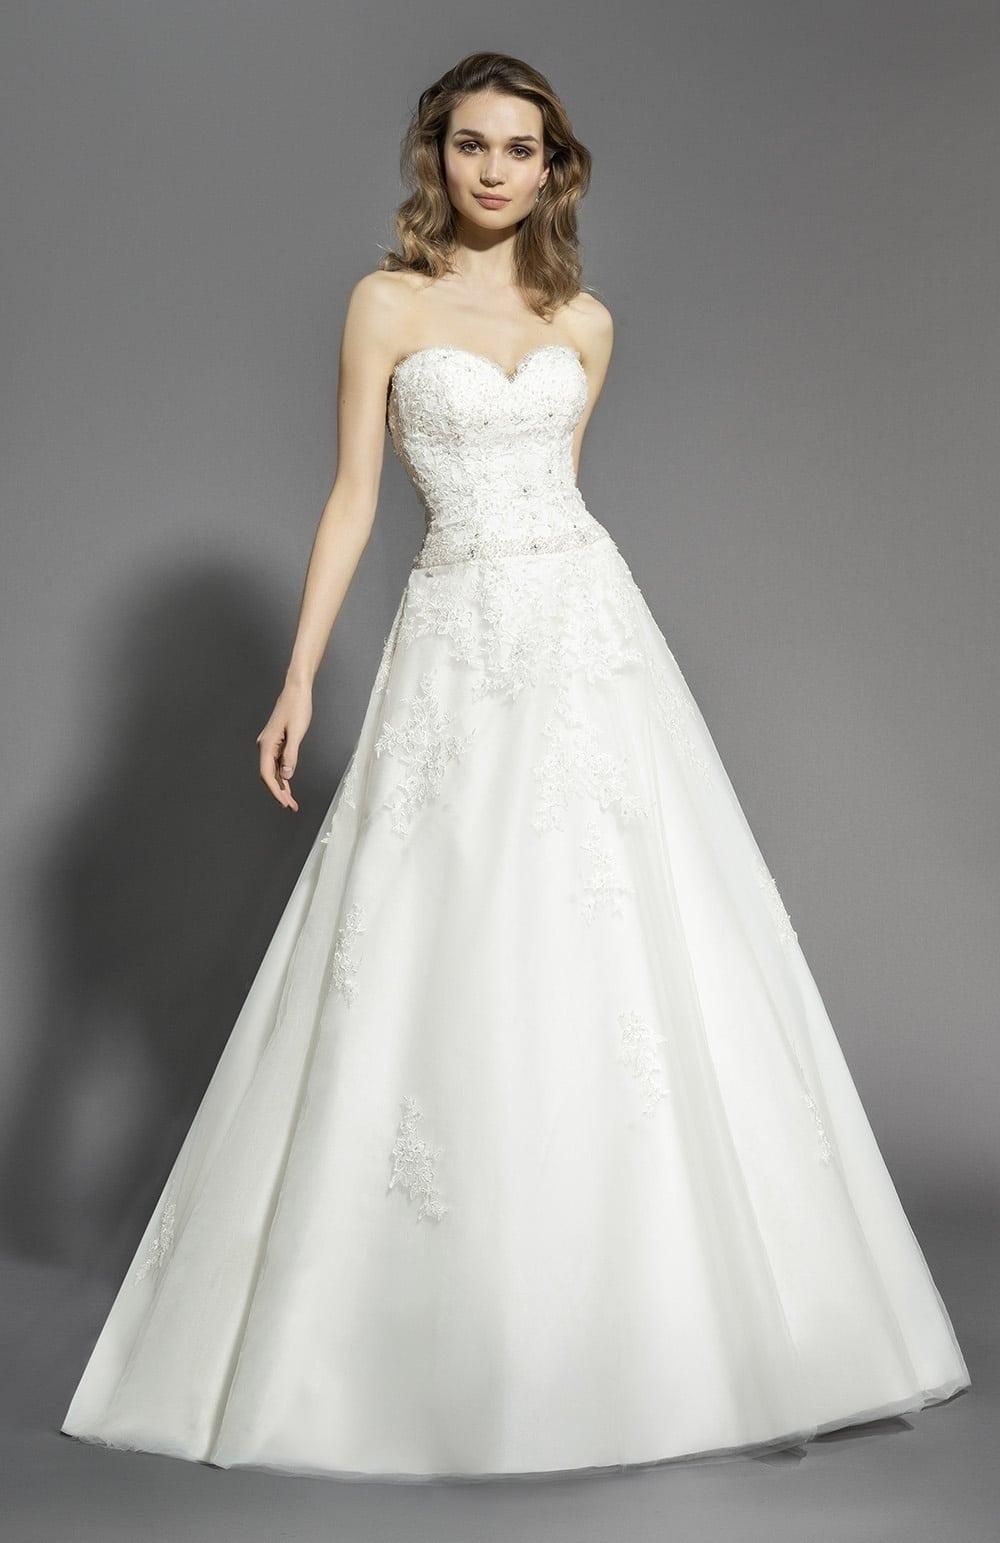 Robe de mariée Modèle Mandy